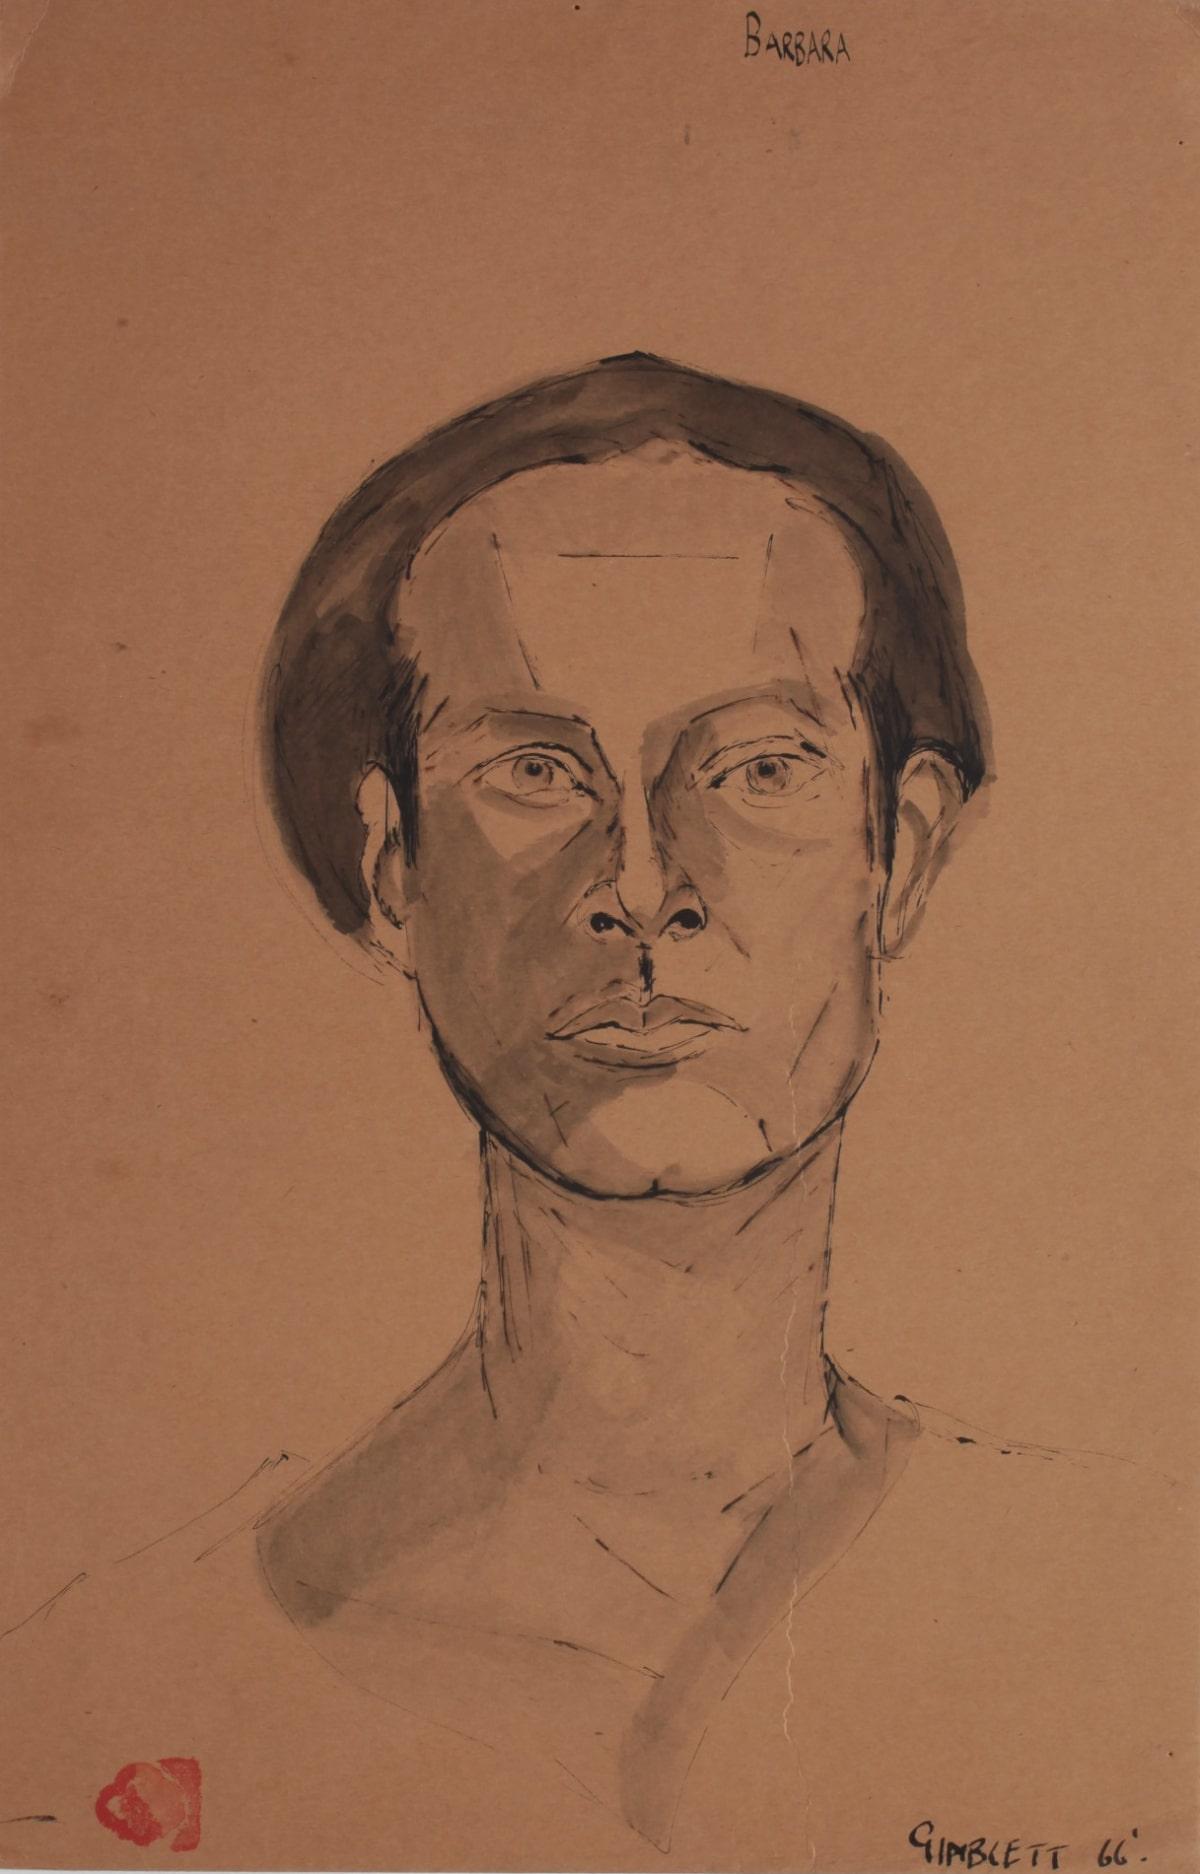 Max GIMBLETT Barbara, 1966 Ink on matte board 17 x 11 in 43.2 x 27.9 cm